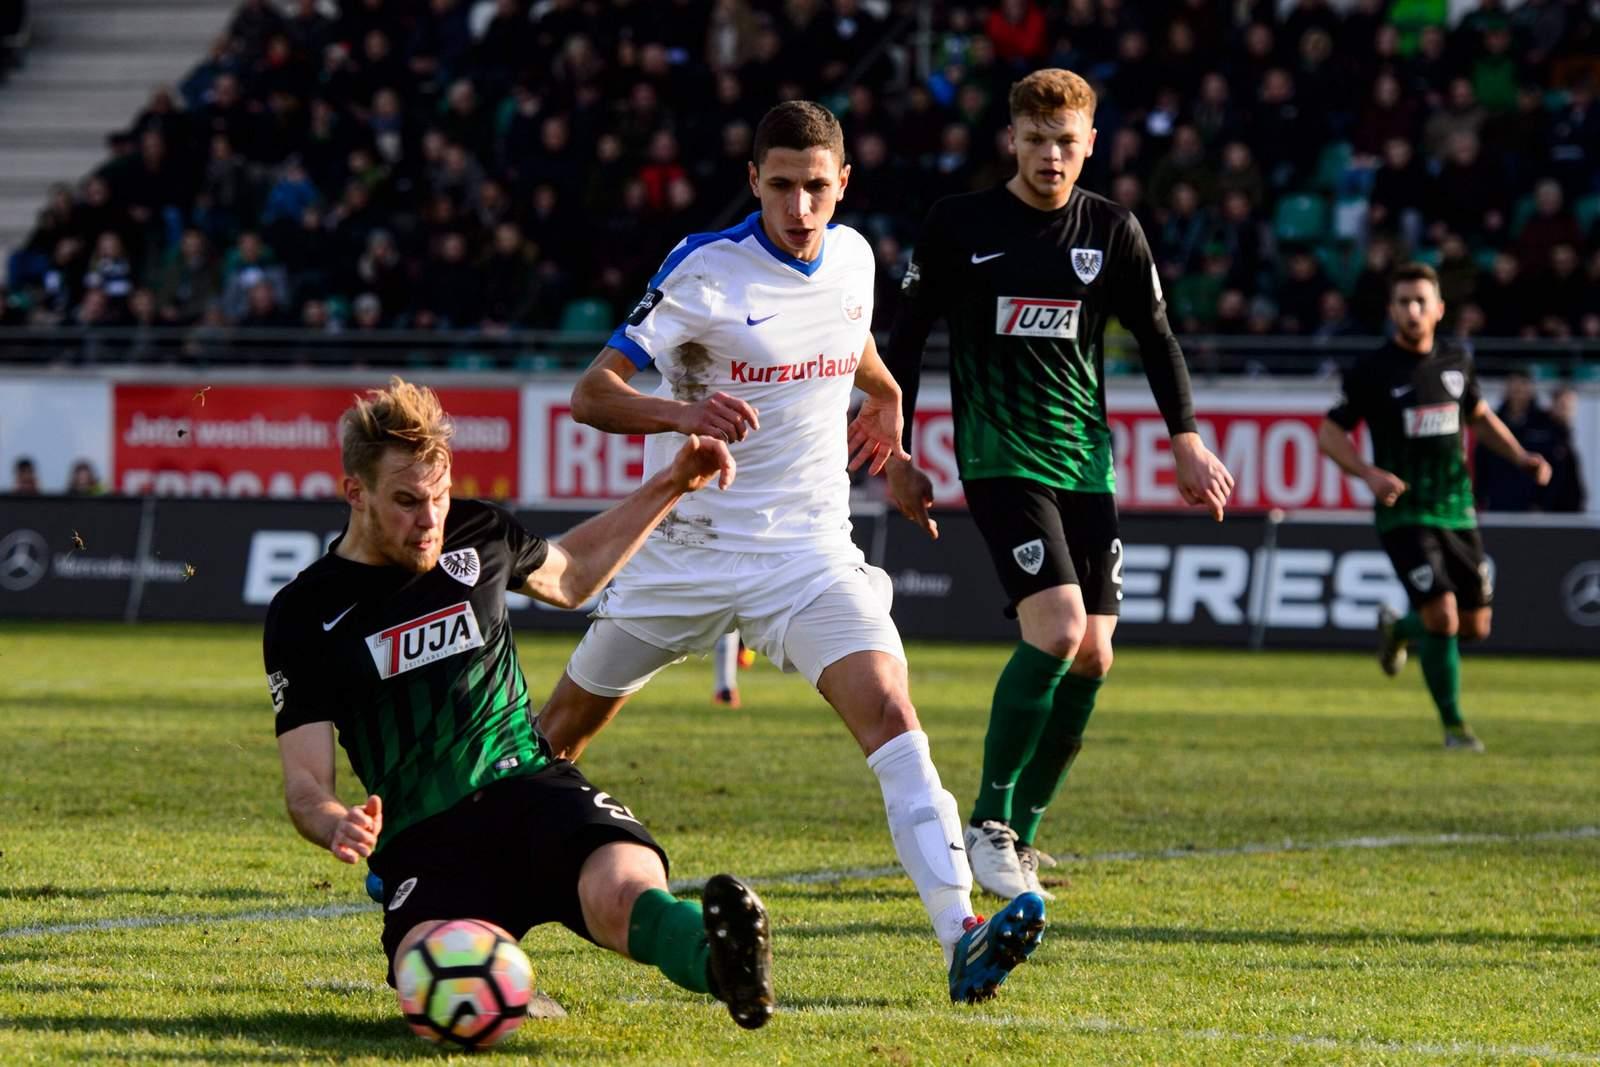 Sebastian Mai und Soufian Benyamina im Duell. Am Sonntag stehen sich der FCH und der SCP erneut gegenüber. Jetzt auf das Spiel Rostock gegen Münster wetten